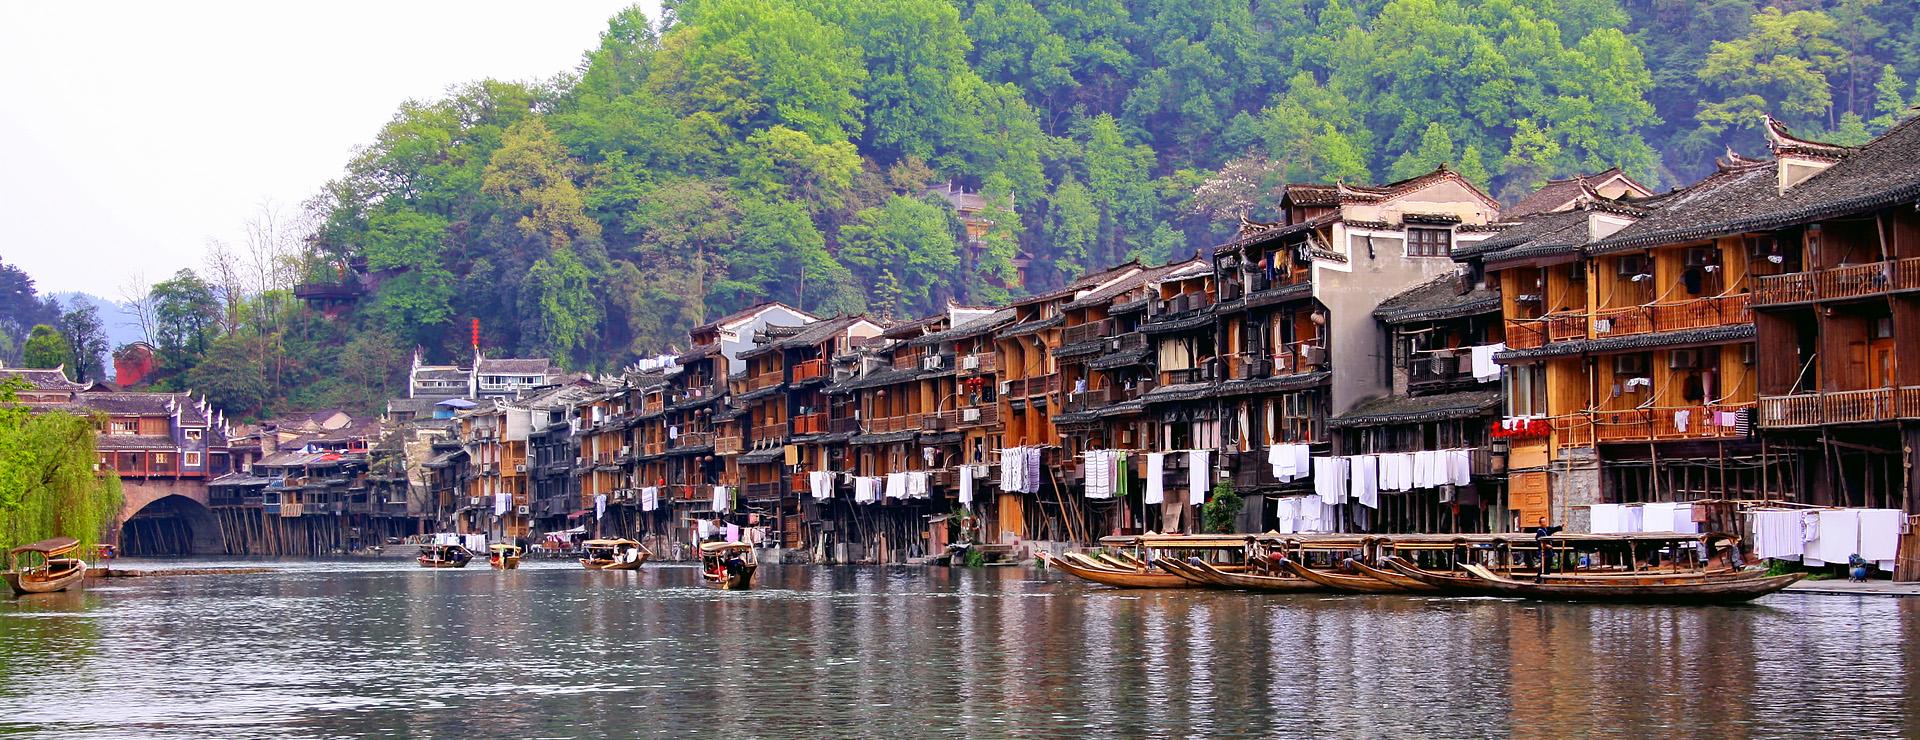 Kinas natur och minoriteter